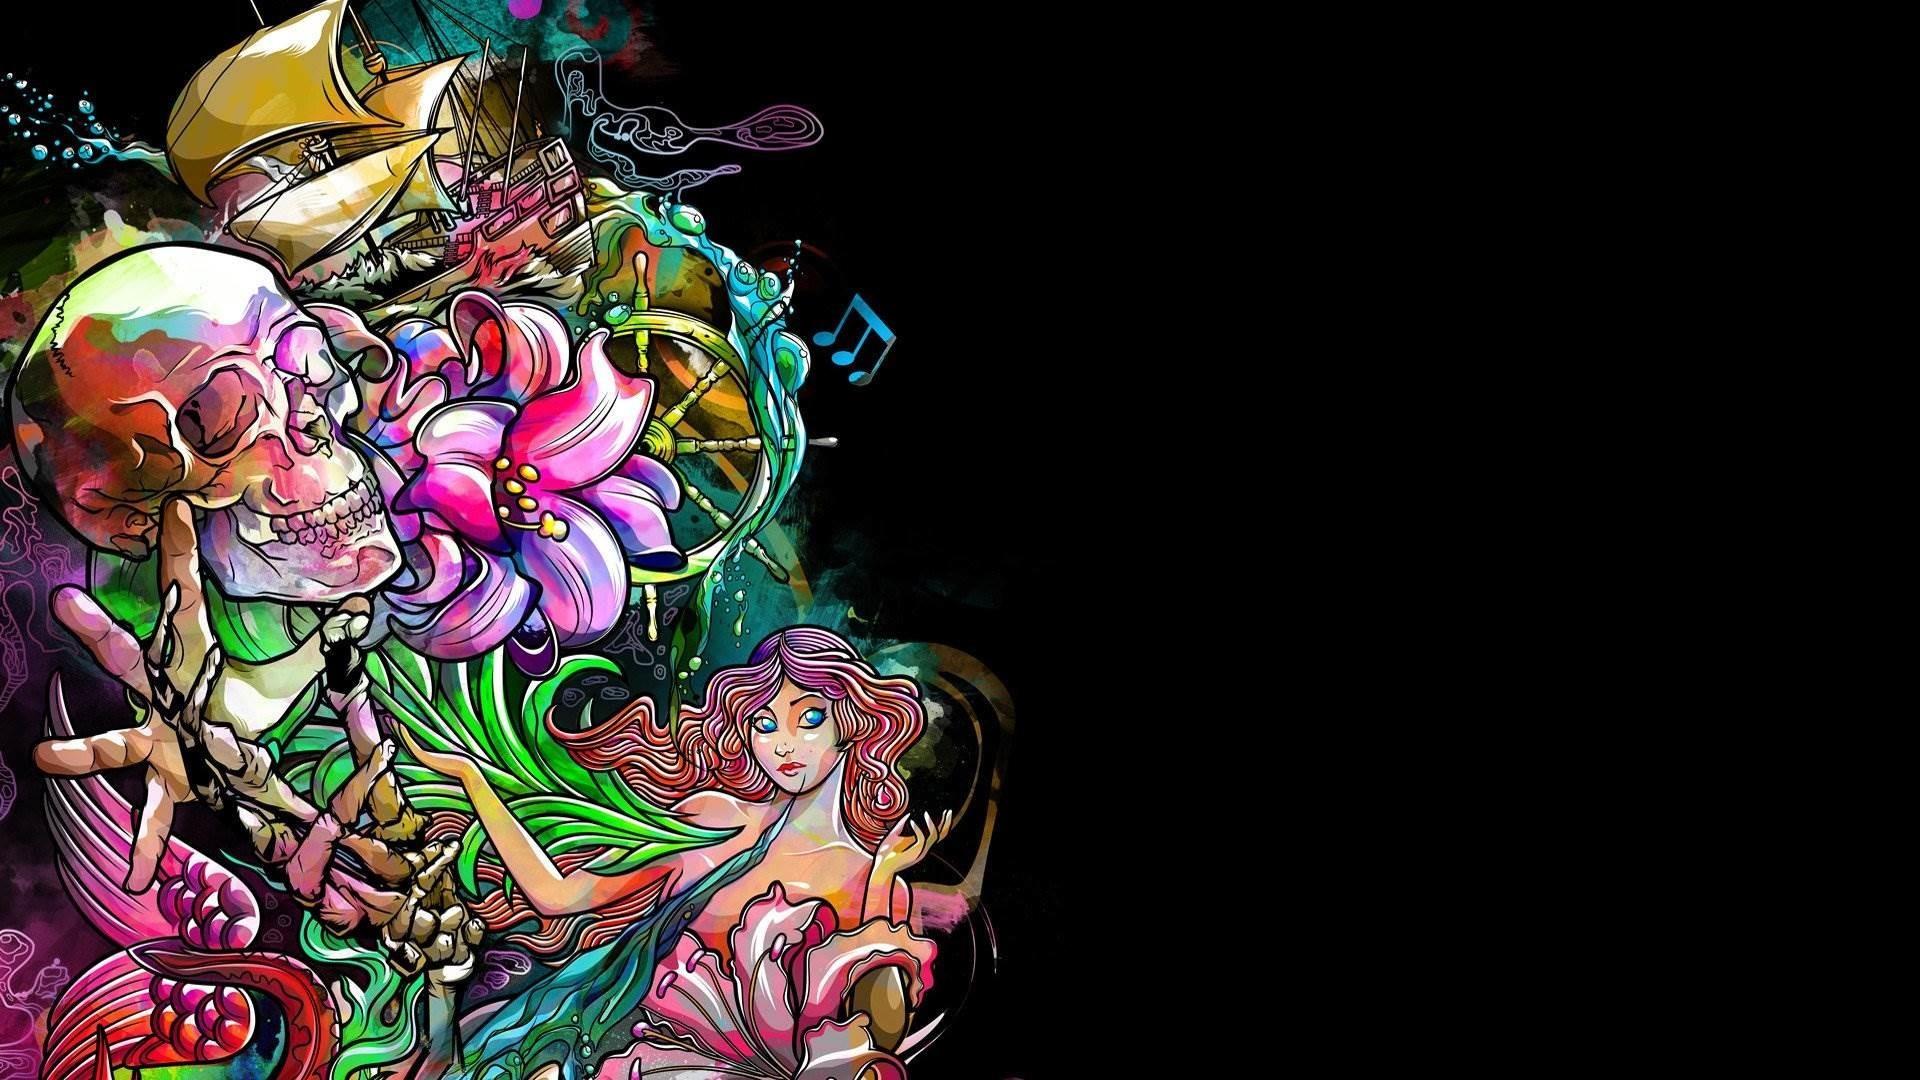 Joker Tattoo Wallpaper Hd Best Tattoo Ideas